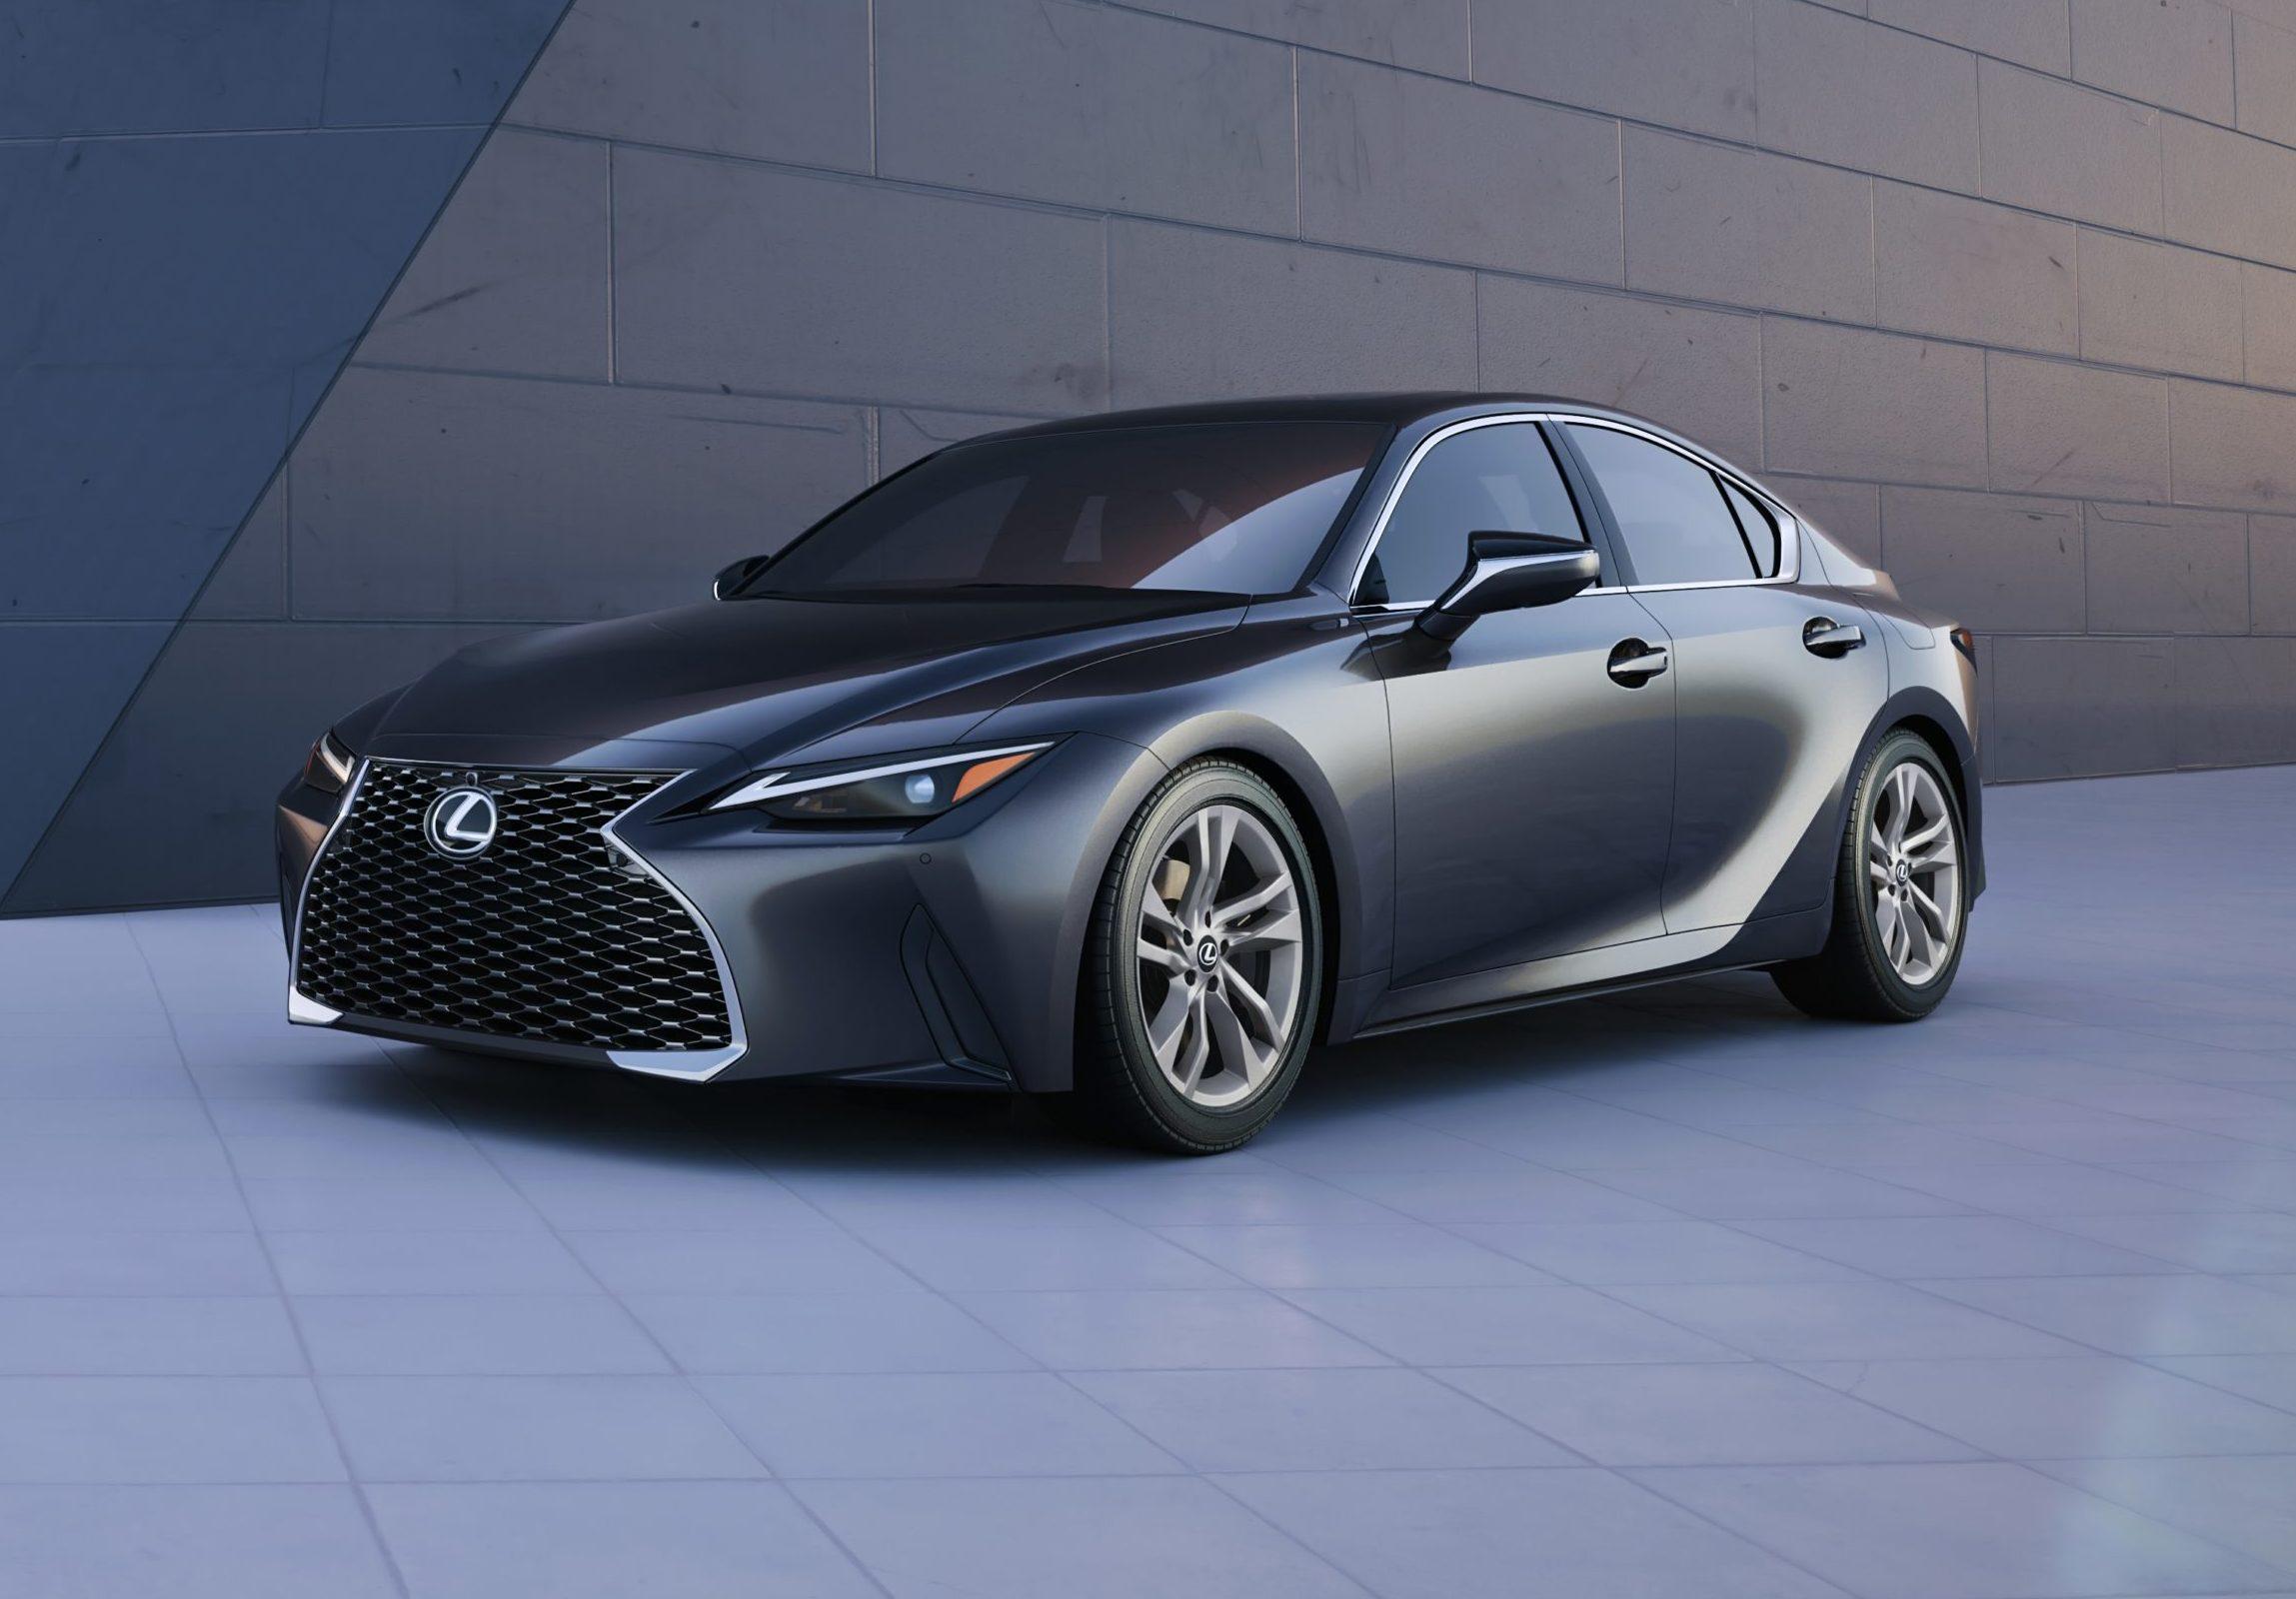 2021 lexus is adjusts body as part of 'lexus driving